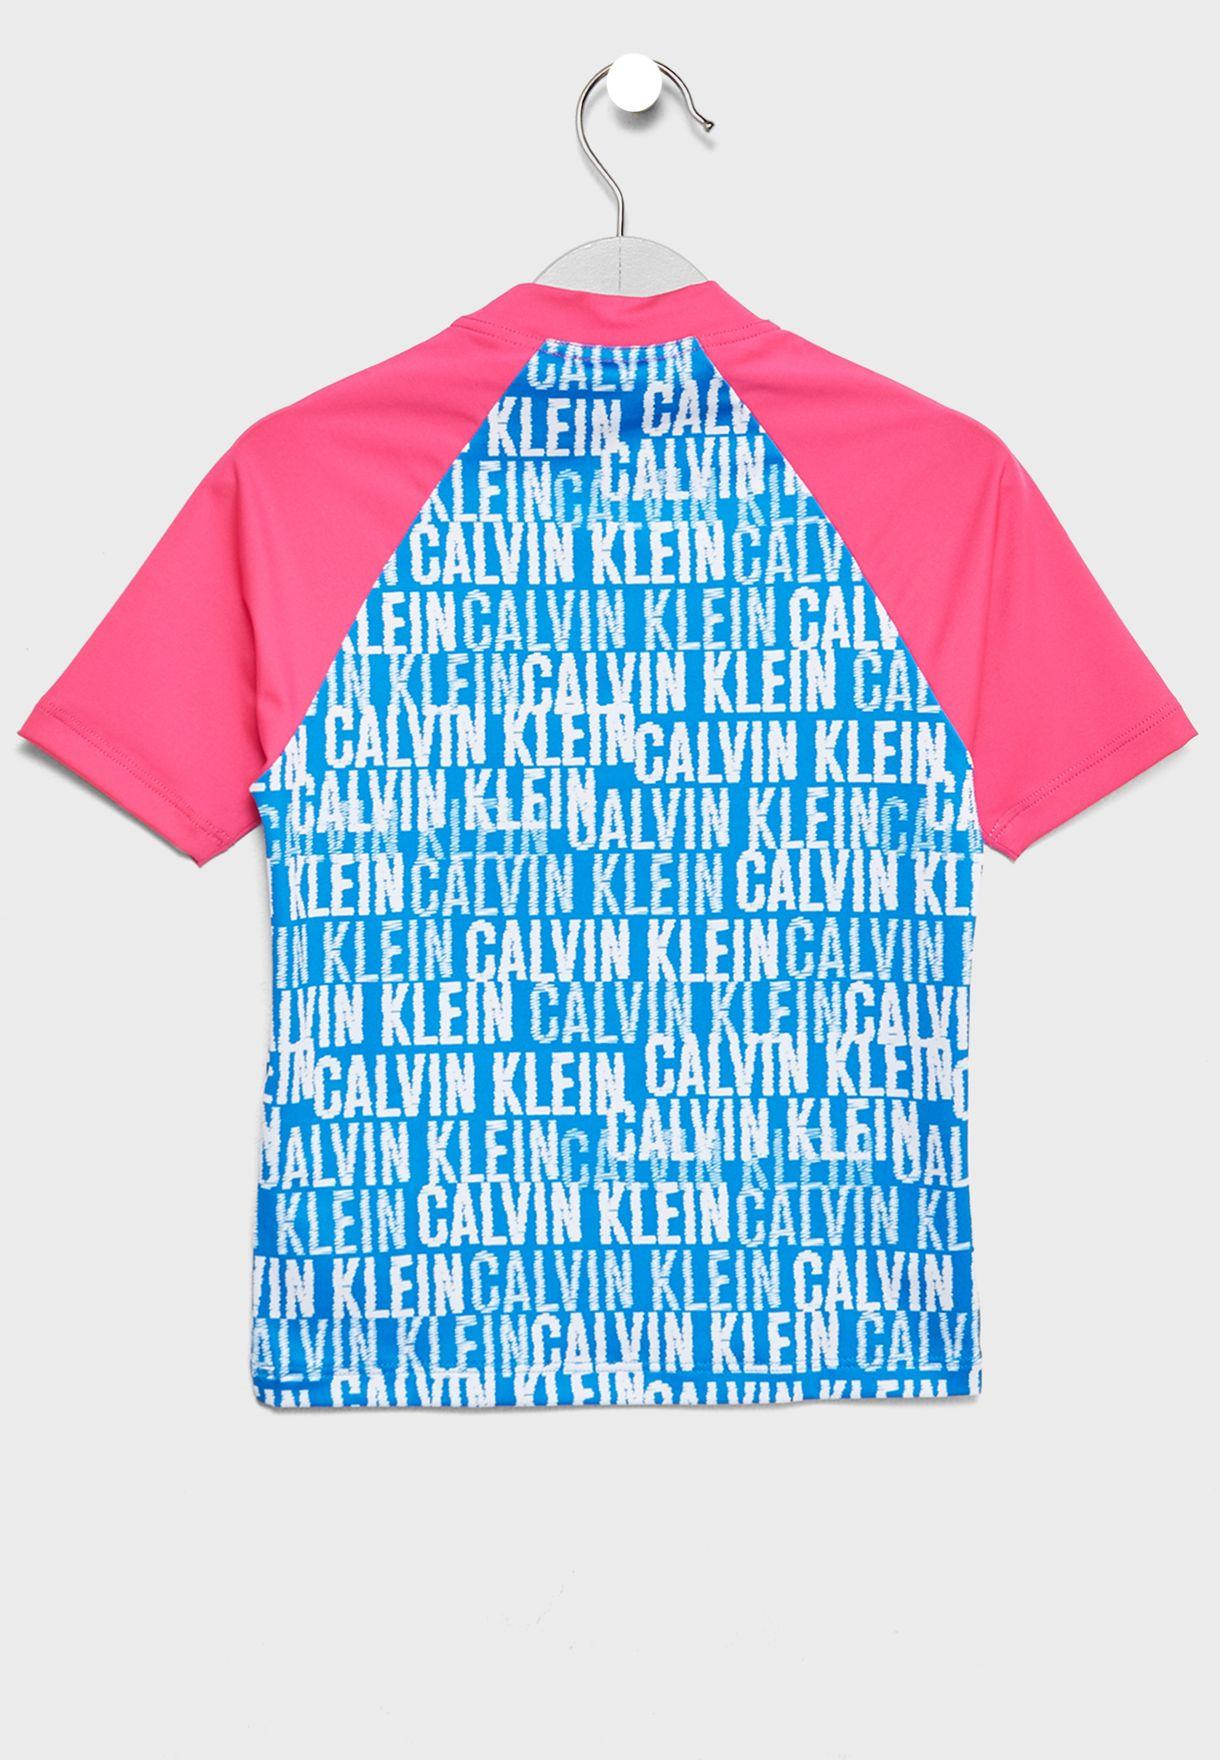 Teen Swimsuit Top